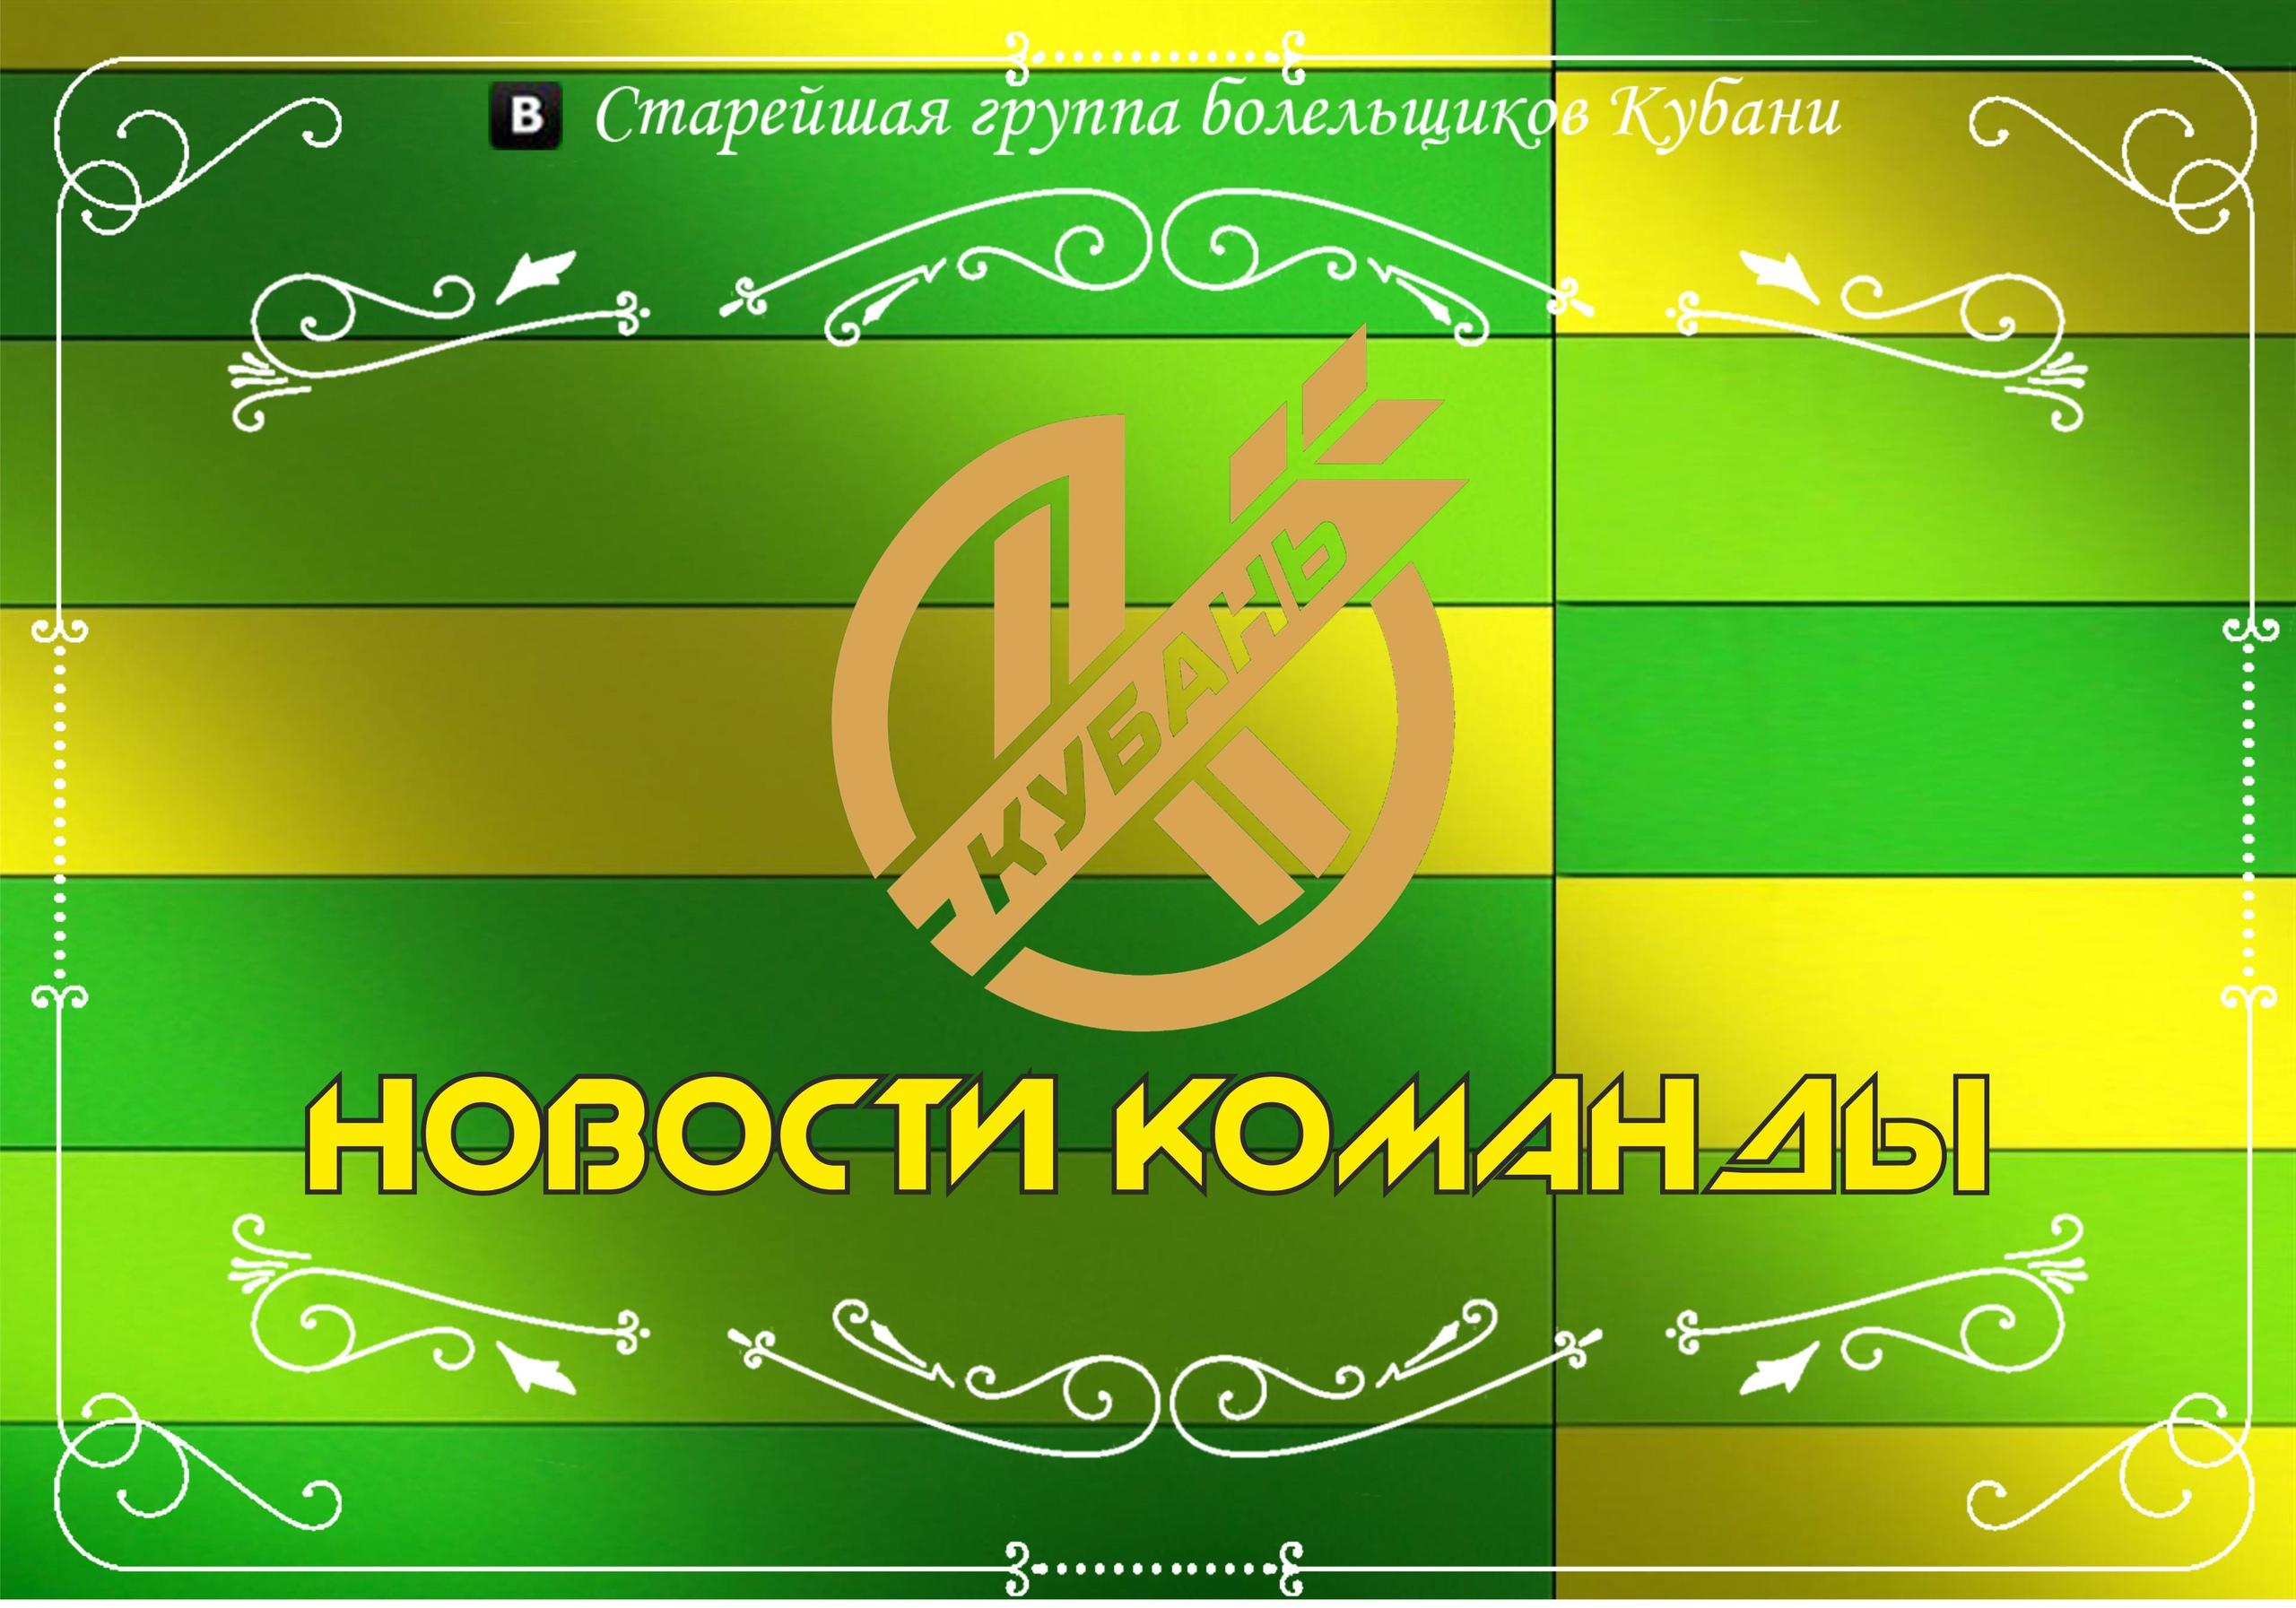 1_GG7-KnBSk.jpg?size=2560x1793&quality=9